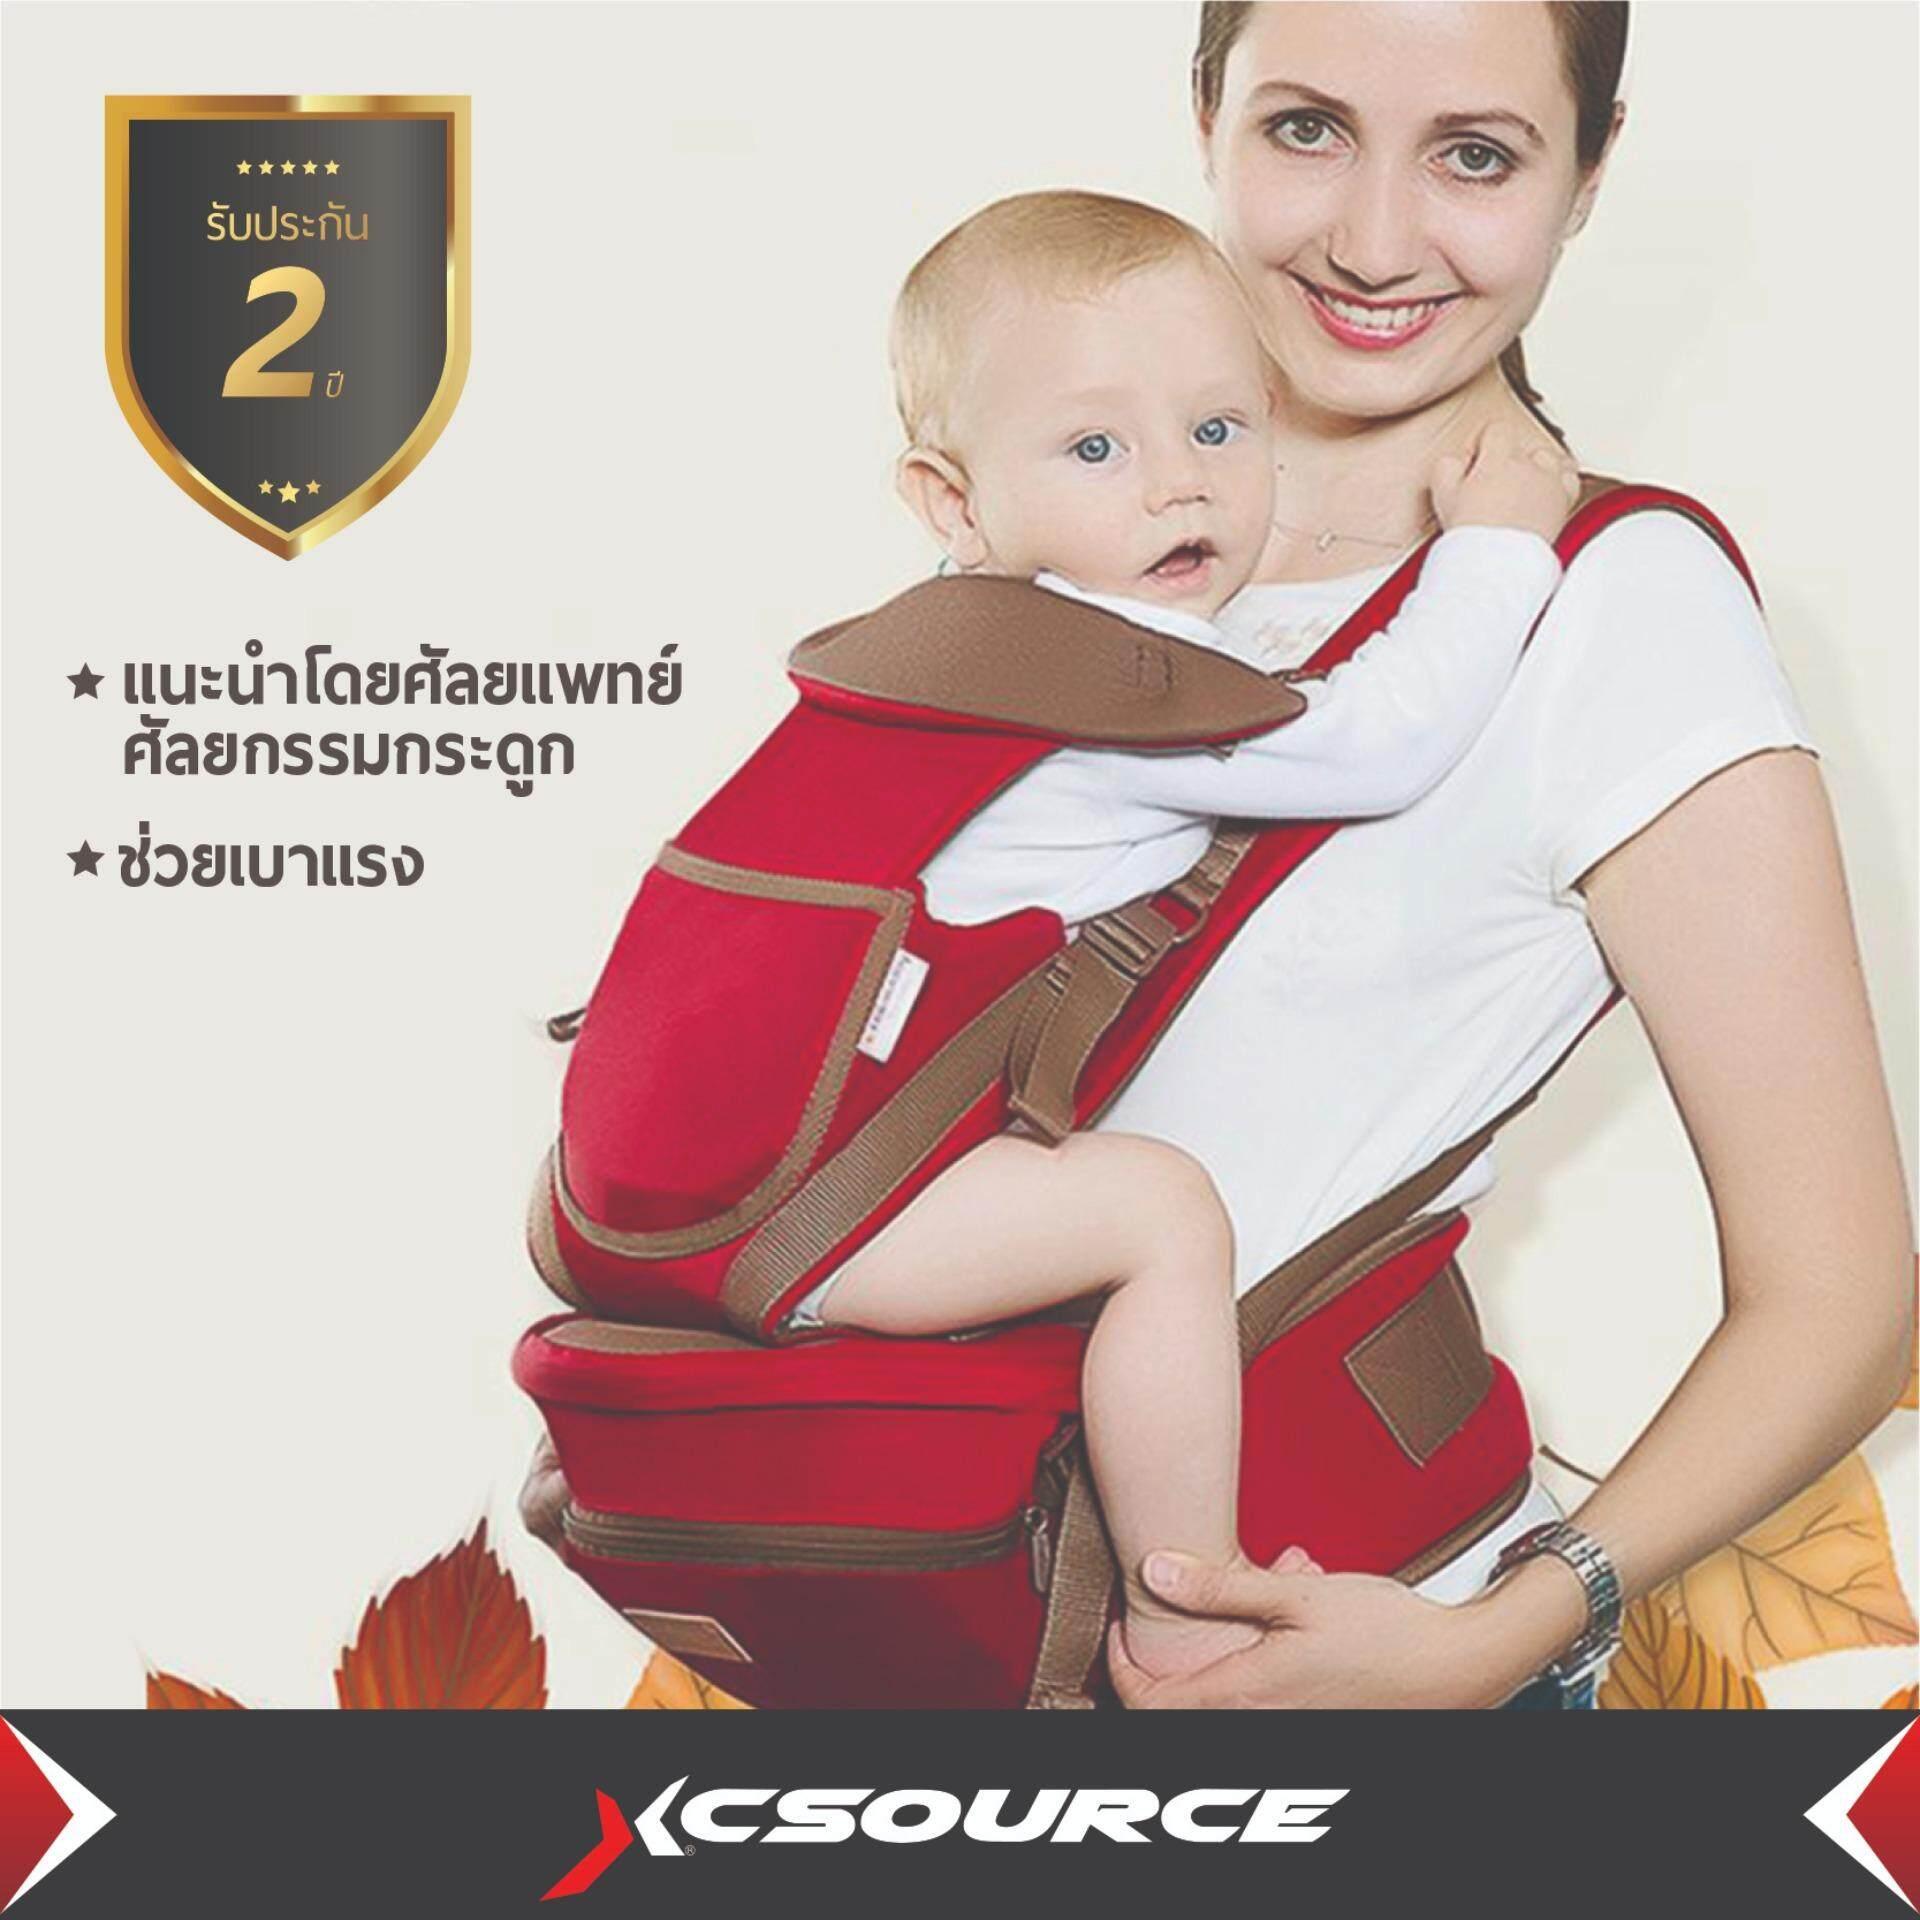 เป้อุ้มเด็ก กระเป๋าอุ้มเด็ก ปรับได้หลายขนาด